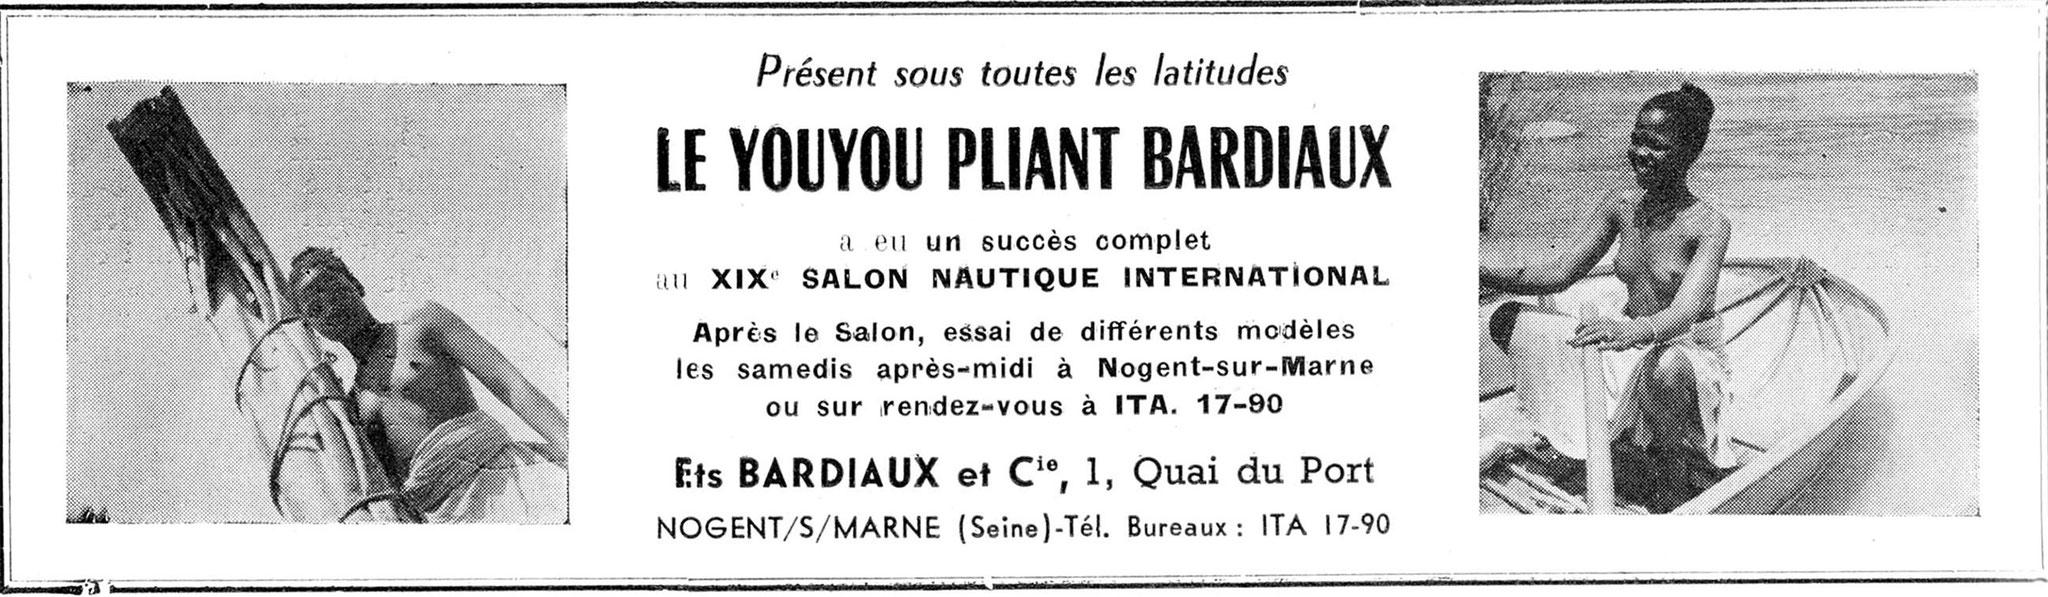 Annexe Bardiaux, documentation commerciale